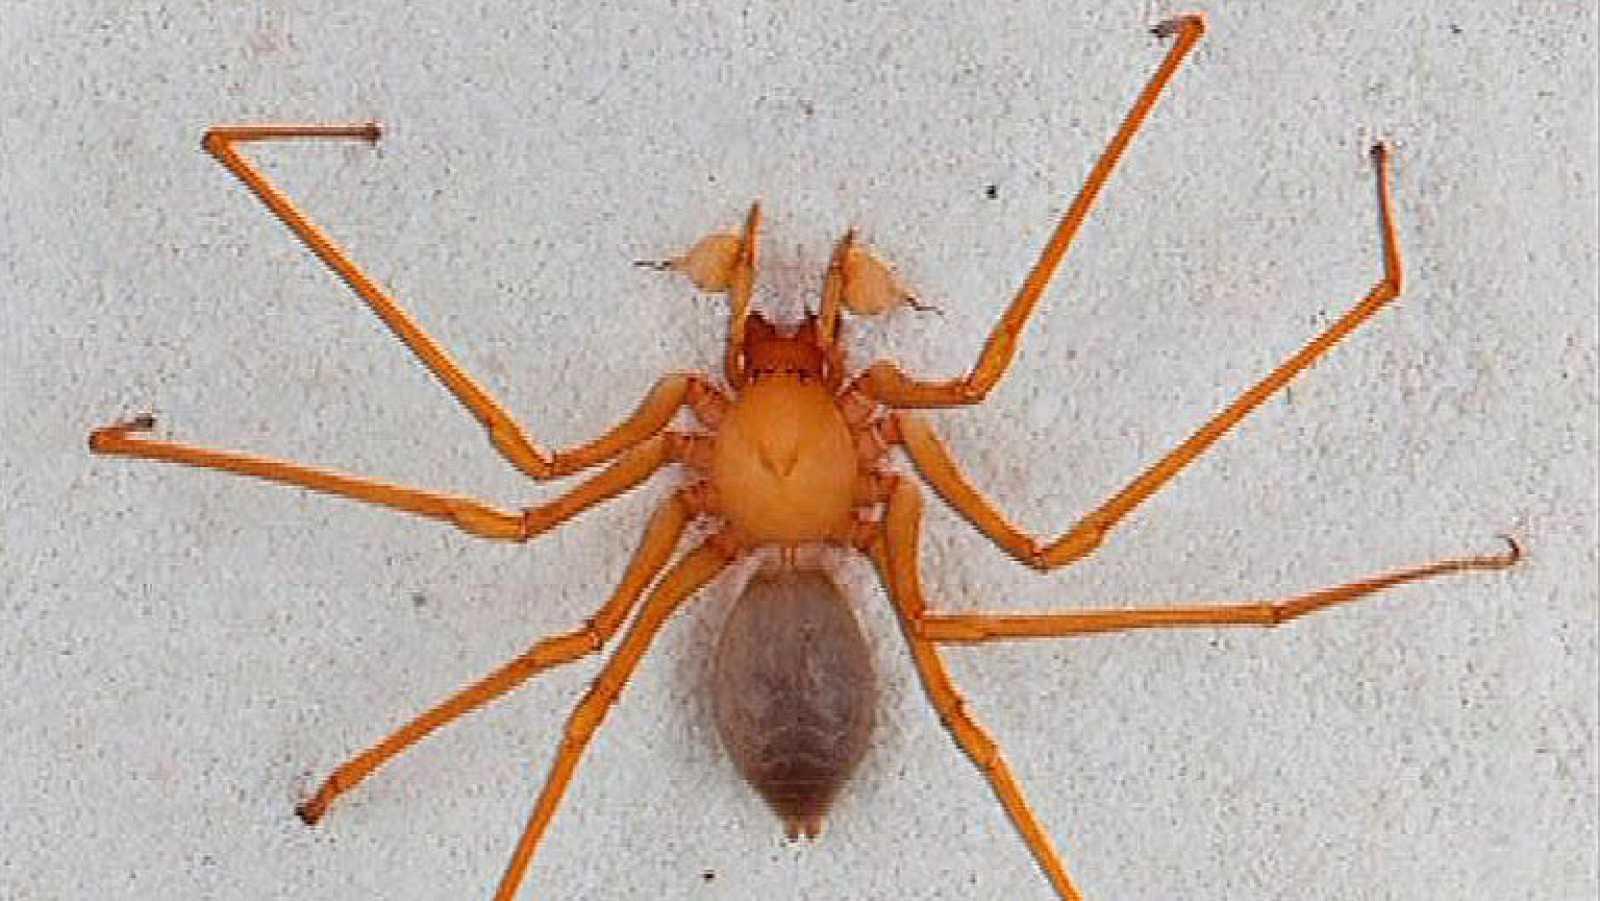 Científicos descubren una nueva familia de araña en cuevas del ...